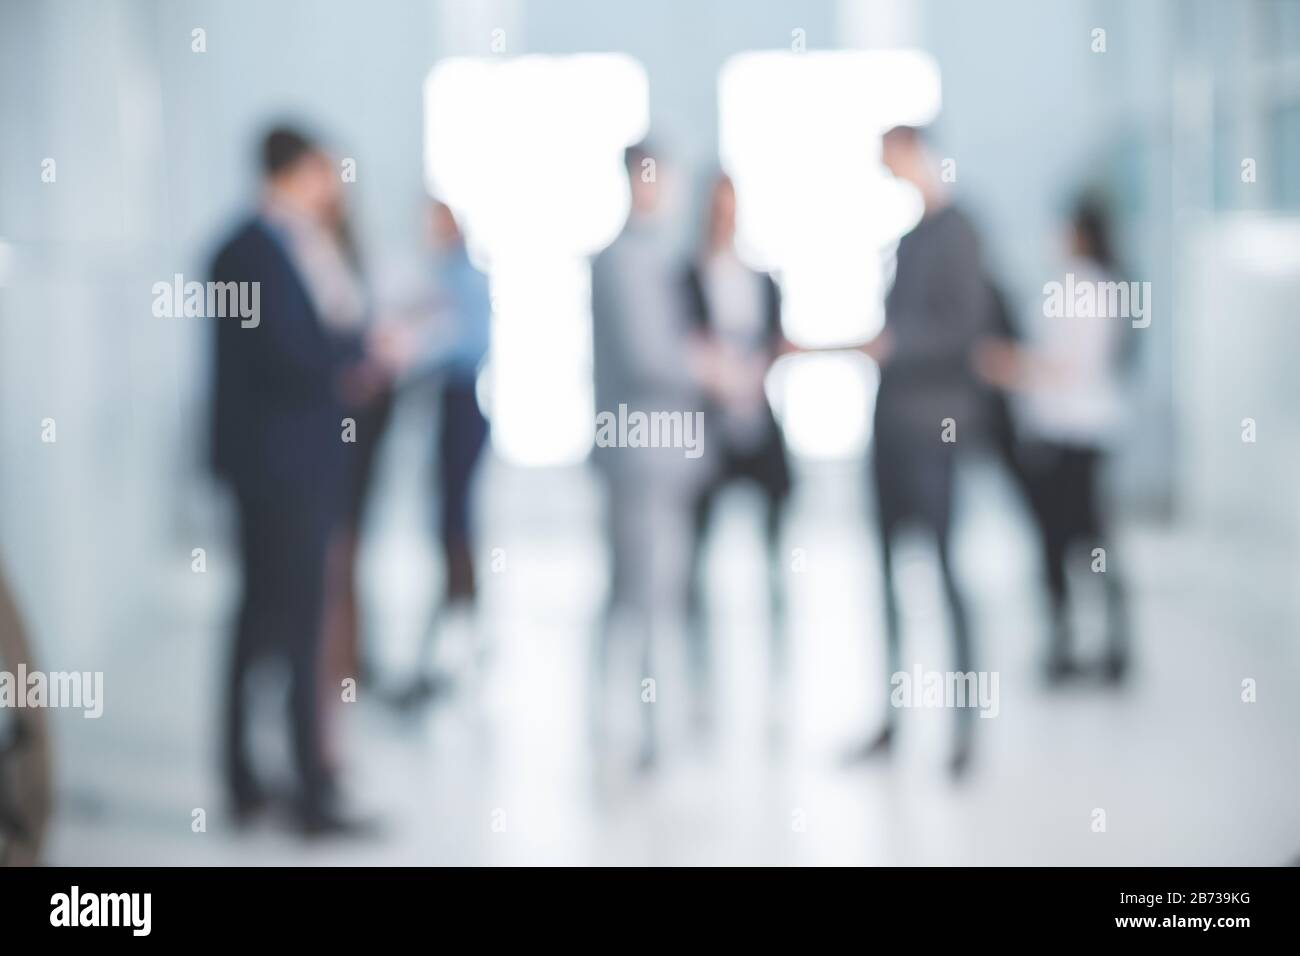 imagen de fondo de un grupo de empleados corporativos en el vestíbulo de la oficina Foto de stock